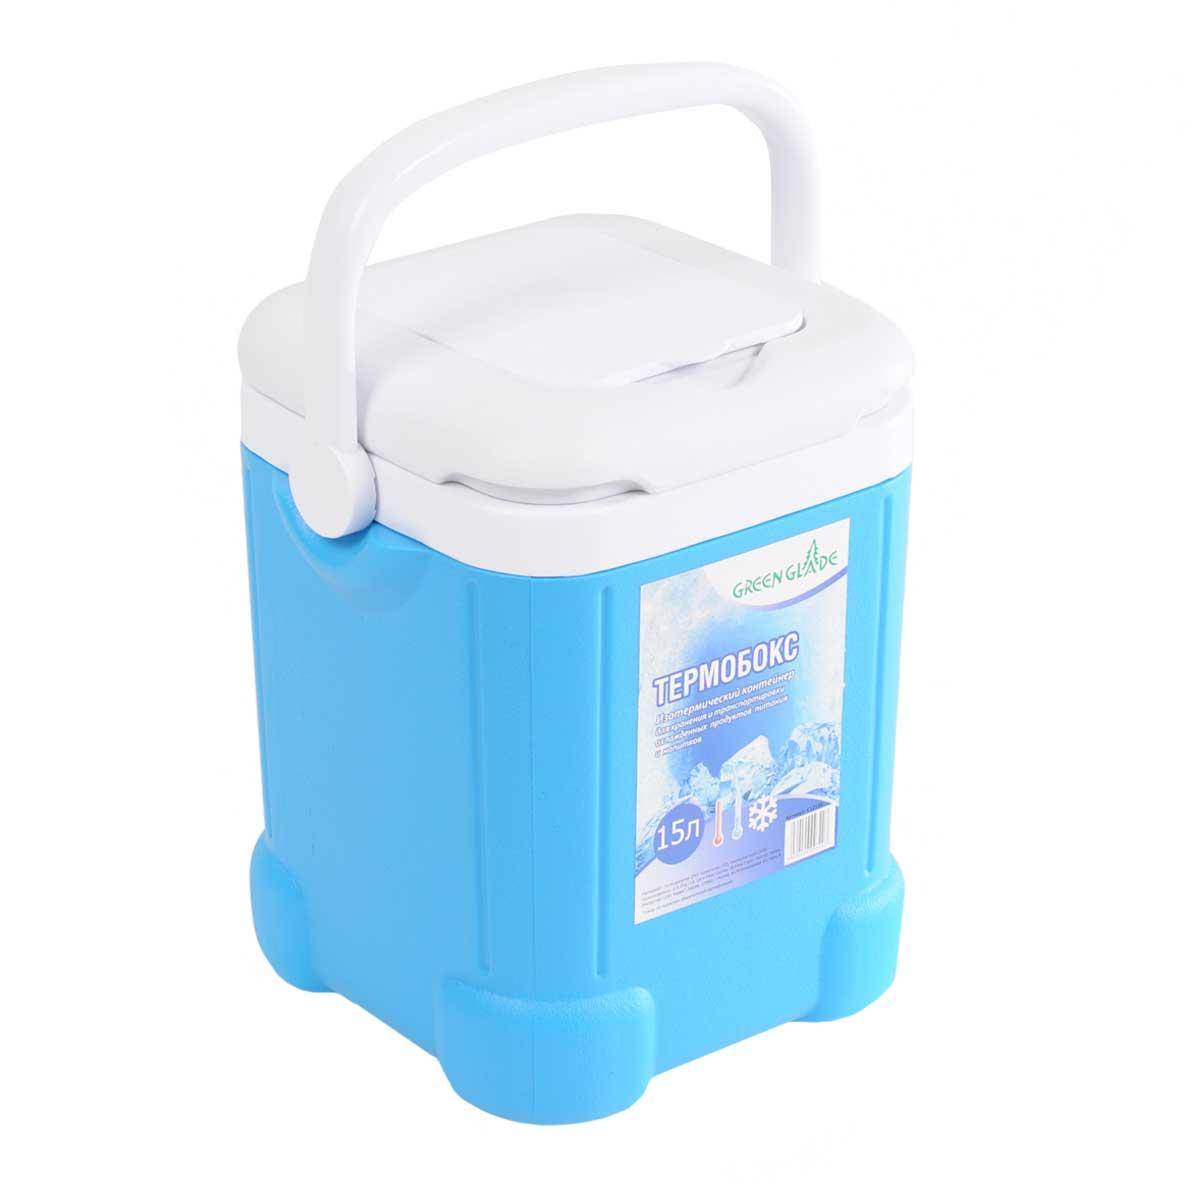 Контейнер изотермический Green Glade, цвет: голубой, 15 л9103500790Легкий и прочный изотермический контейнер Green Glade предназначен для сохранения определенной температуры продуктов во время длительных поездок. Корпус и крышка контейнера изготовлены из высококачественного пластика. Между двойными стенками находится термоизоляционный слой, который обеспечивает сохранение температуры. При использовании аккумулятора холода, контейнер обеспечивает сохранение продуктов холодными на 8-10 часов. Подвижная ручка делает более удобной переноску контейнера. Крышка имеет дополнительный небольшой отсек.Контейнер идеально подходит для отдыха на природе, пикников, туристических походов и путешествий.Контейнеры Green Glade можно использовать не только для сохранения холодных продуктов, но и для транспортировки горячих блюд. В этом случае аккумуляторы нагреваются в горячей воде (температура около 80° С) и превращаются в аккумуляторы тепла. Подготовленные блюда перед транспортировкой подогреваются и горячими укладываются в сумку.Объем контейнера: 15 л.Размер контейнера: 26 см х 38 см х27 см.